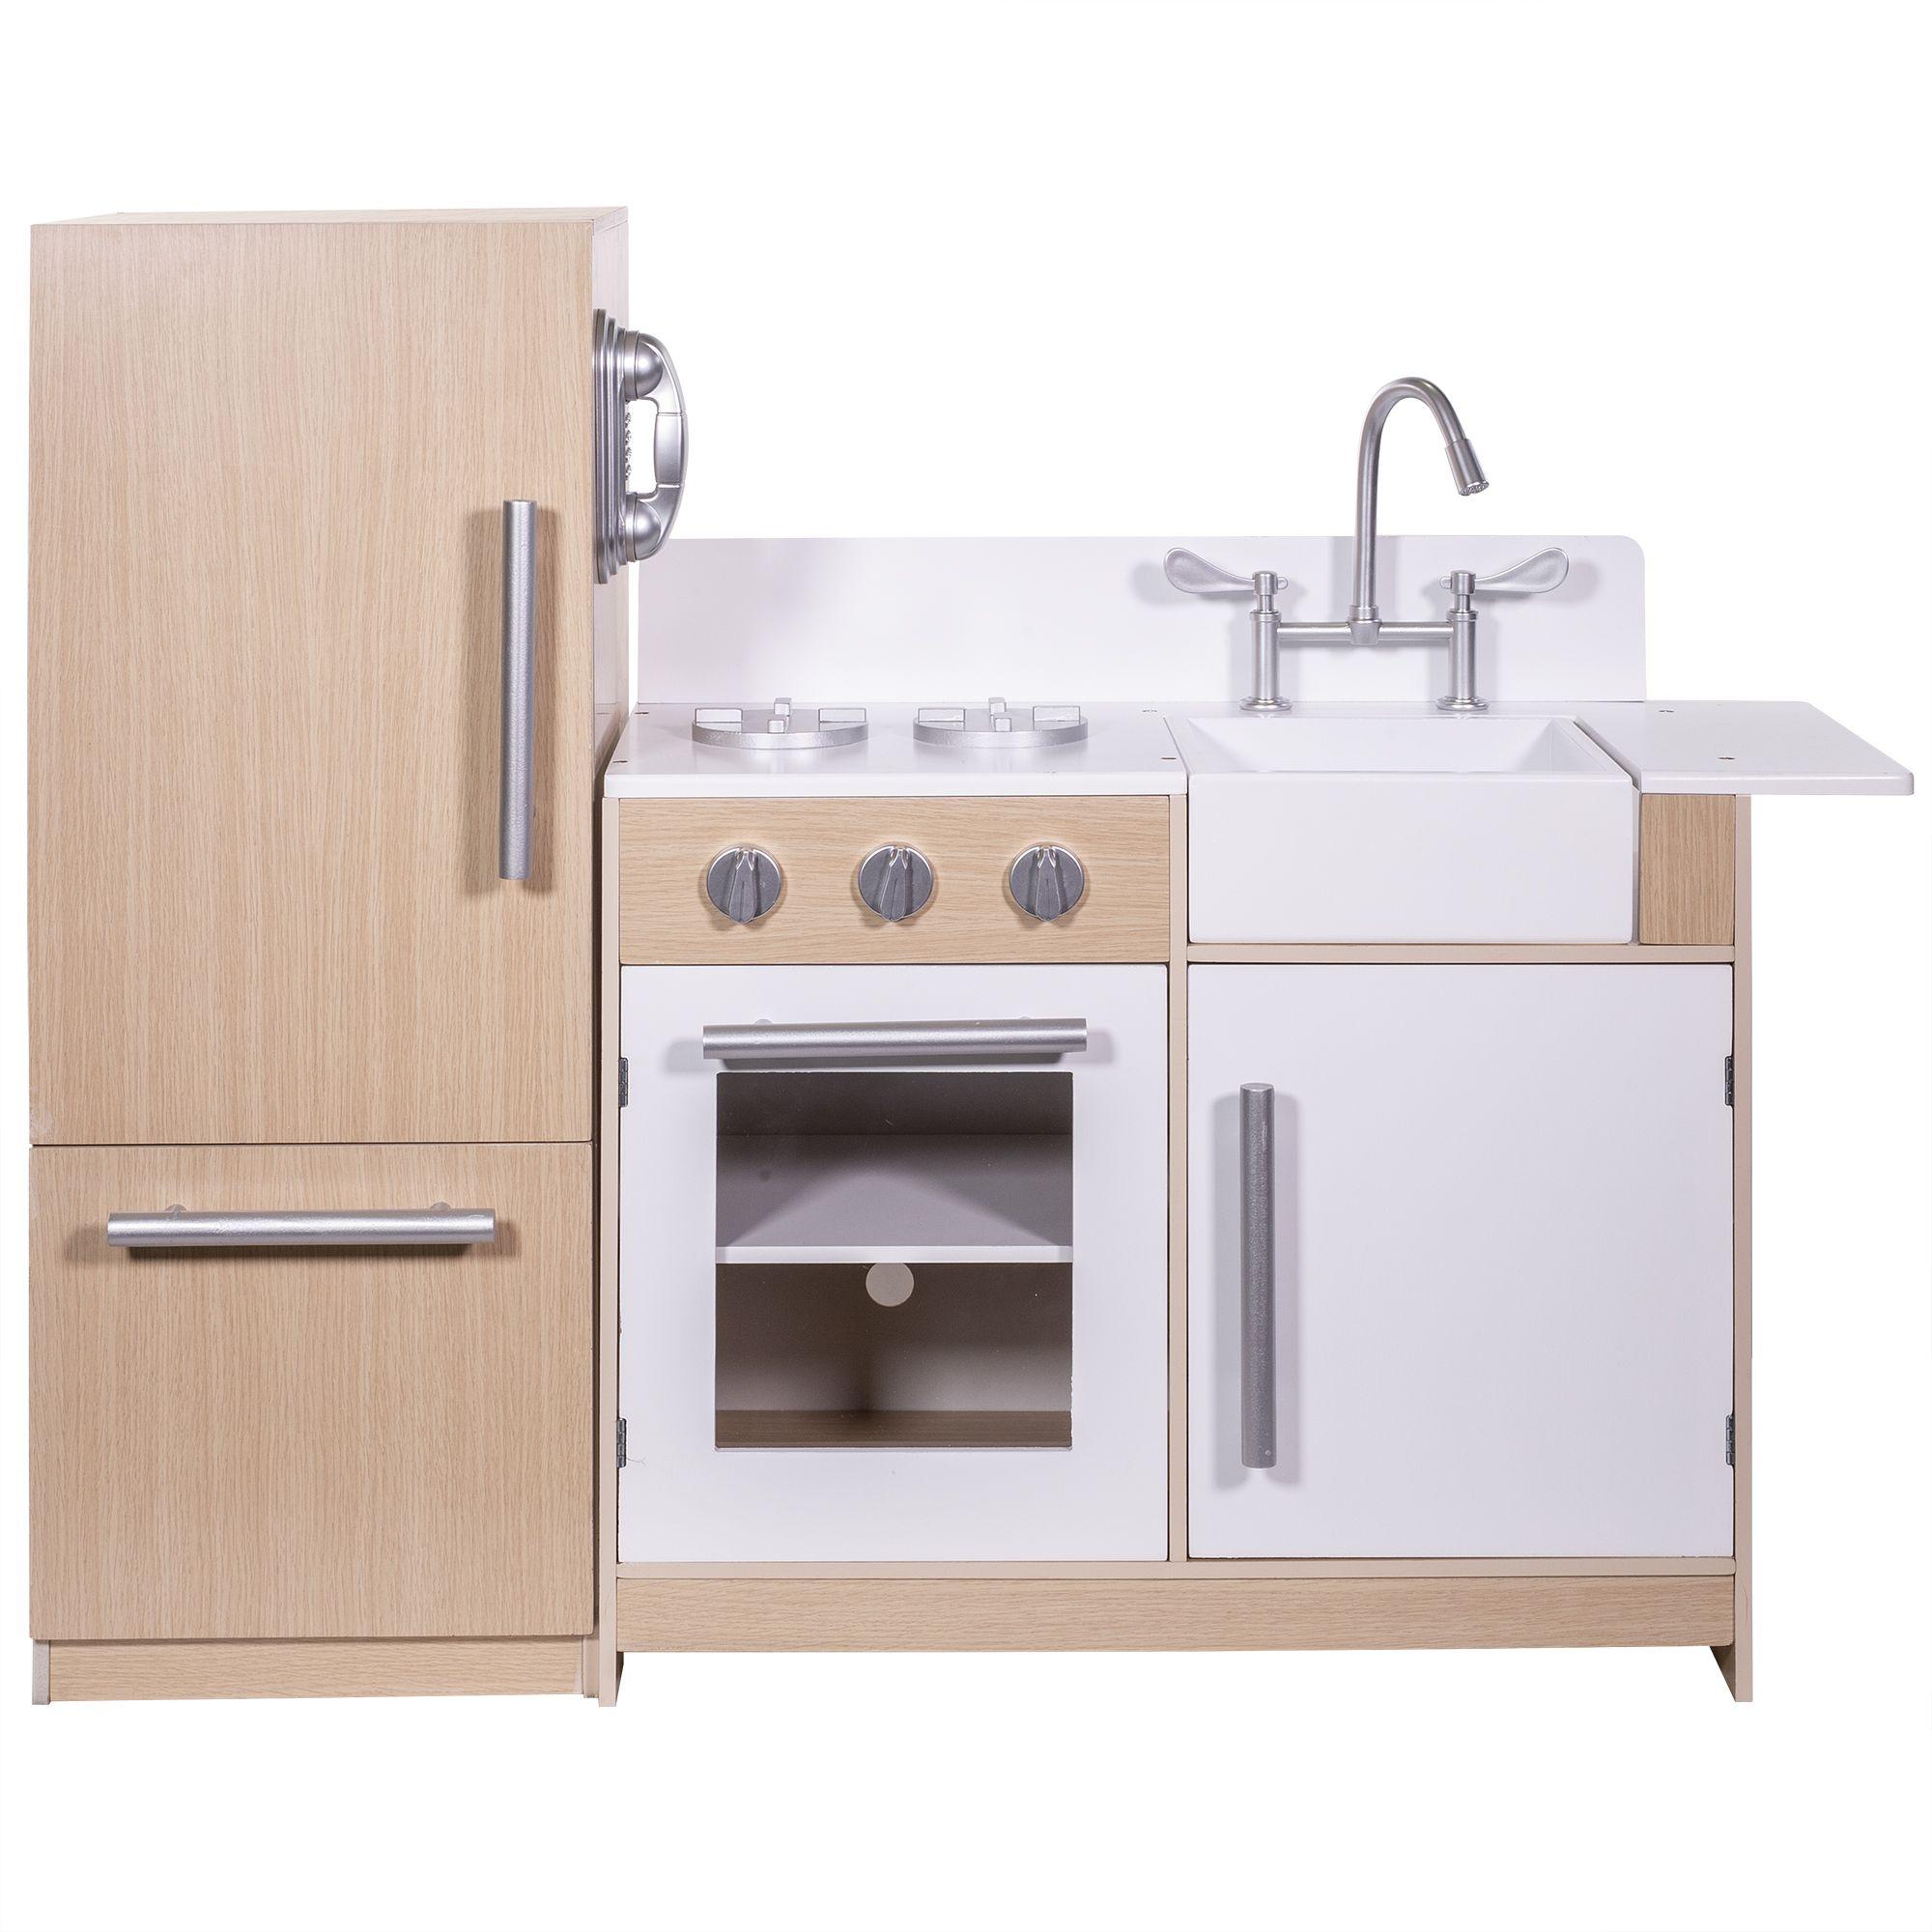 Ihubdeal Deluxe Kitchen Kids Toy Set Sink Stovetop Refrigerator Fridge Cabinet Freezer Cordless Phone Playset Walmart Com Kids Kitchen Play Kitchen Kids Pretend Play Kitchen